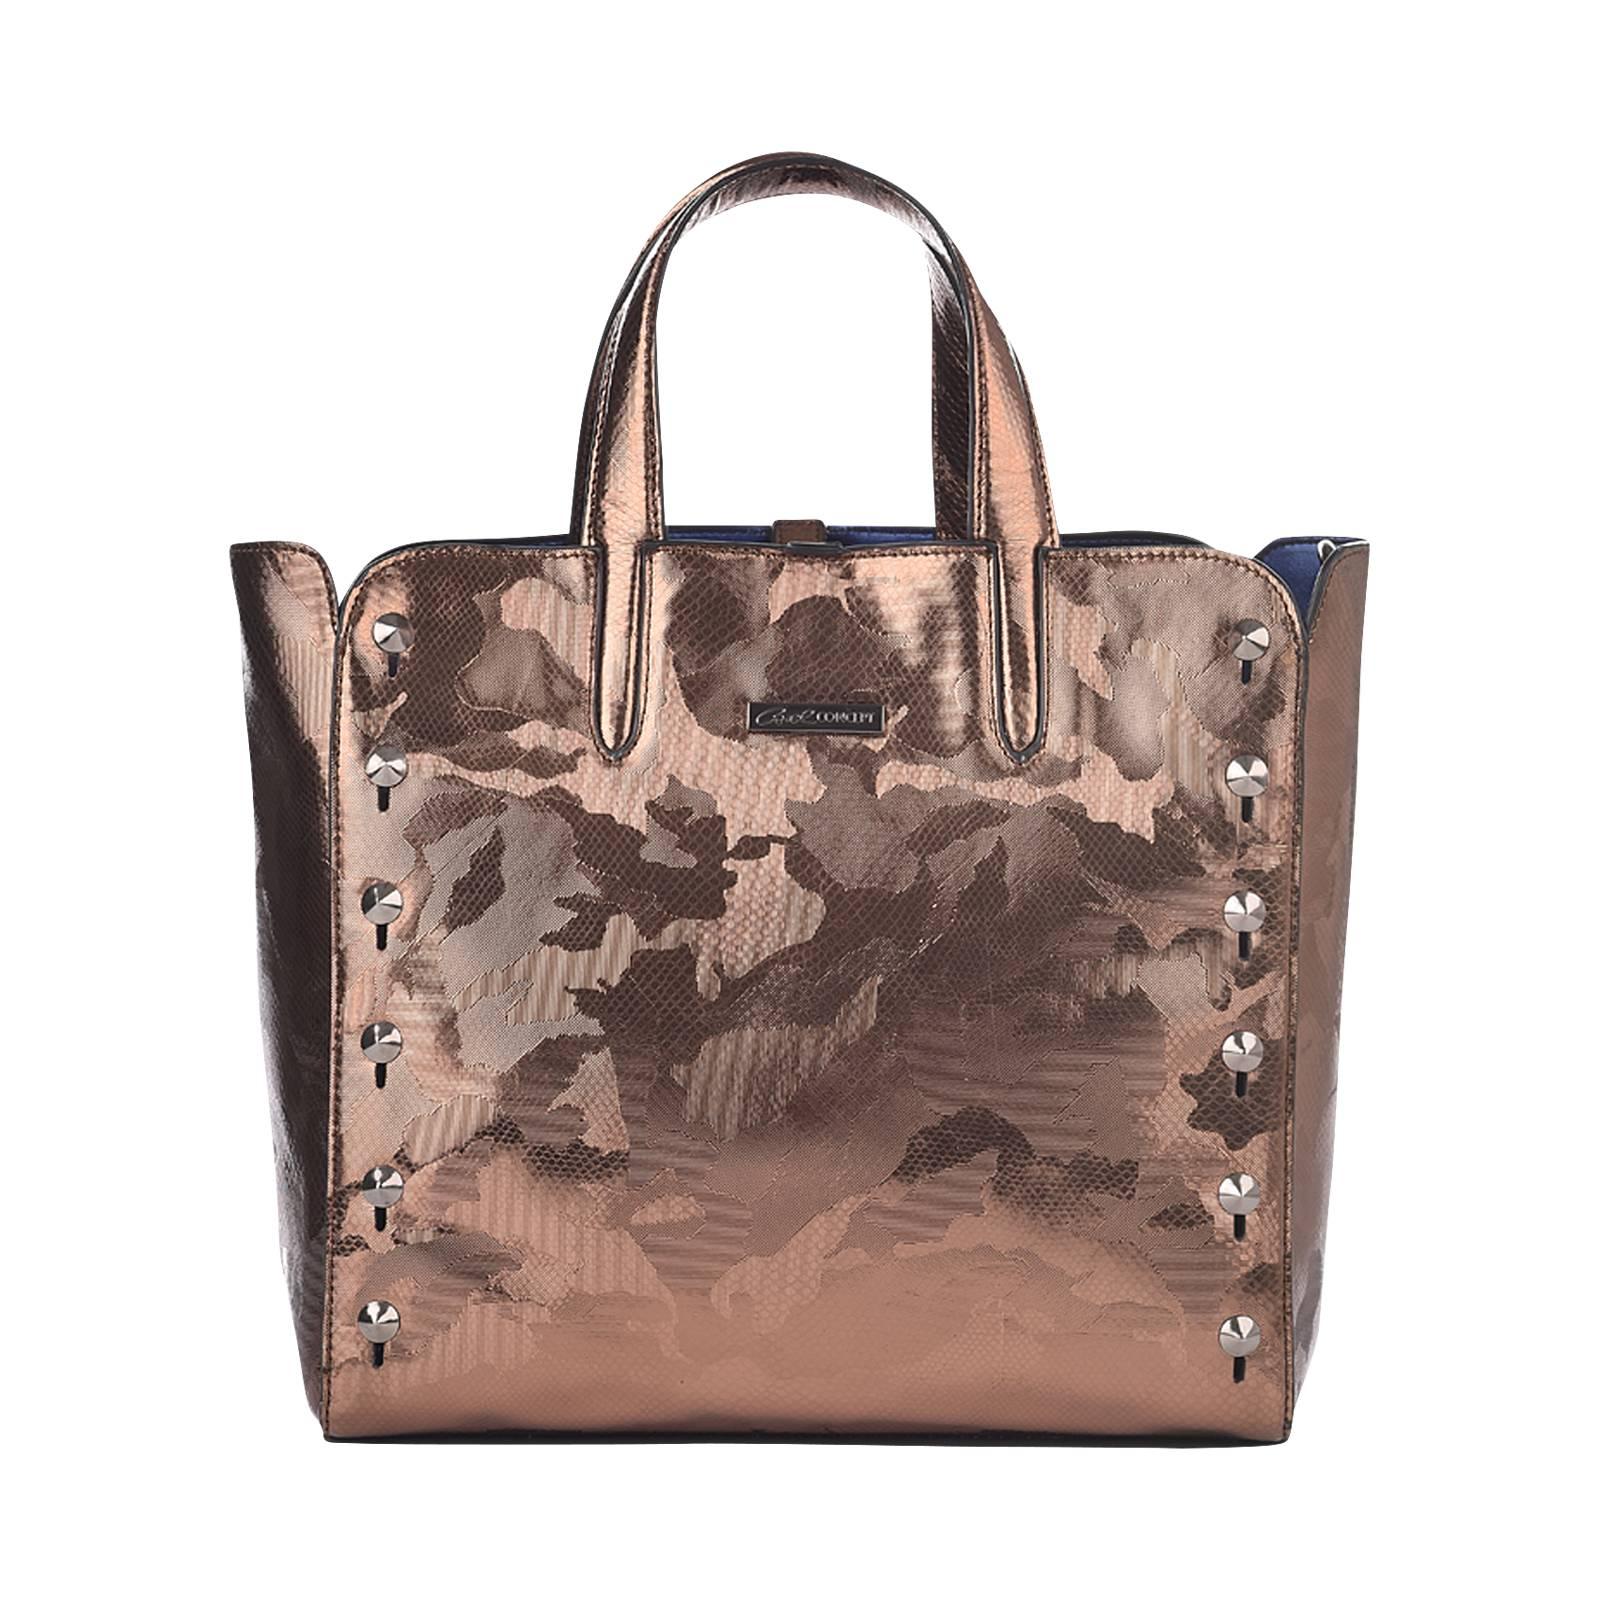 4c077756d7 Carolyn L - Γυναικεία τσάντα Axel Concept από δερμα μεταλλικο ...